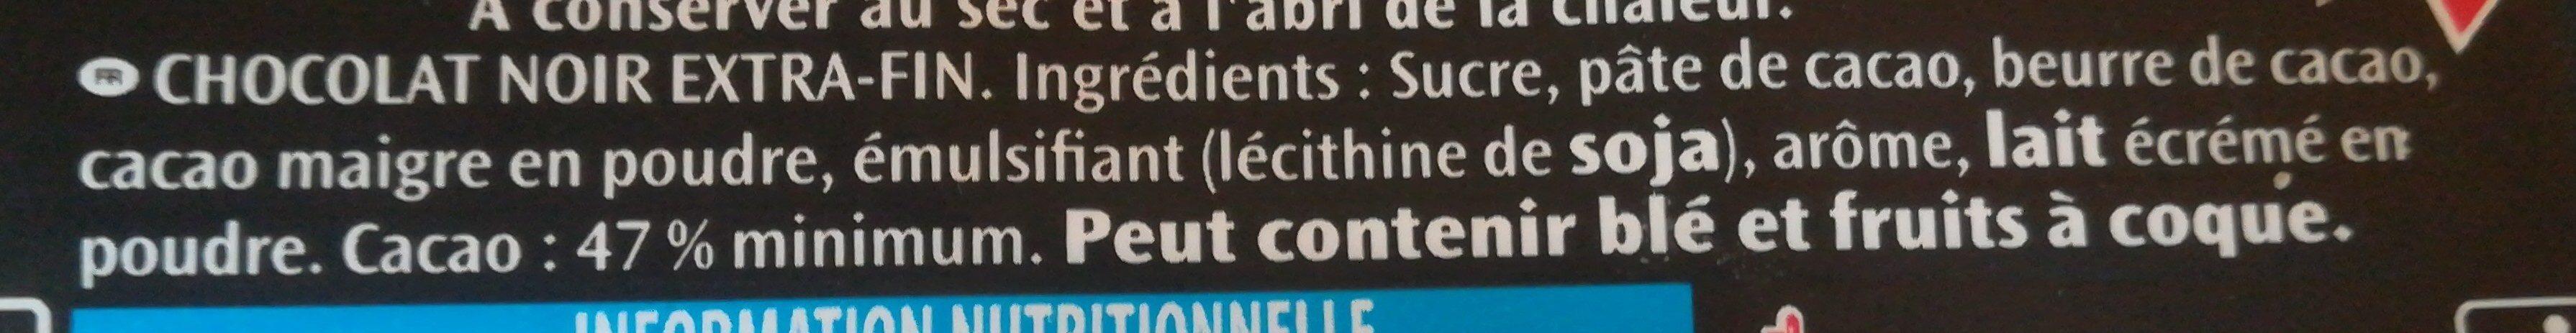 Poulain noir extra - Ingrédients